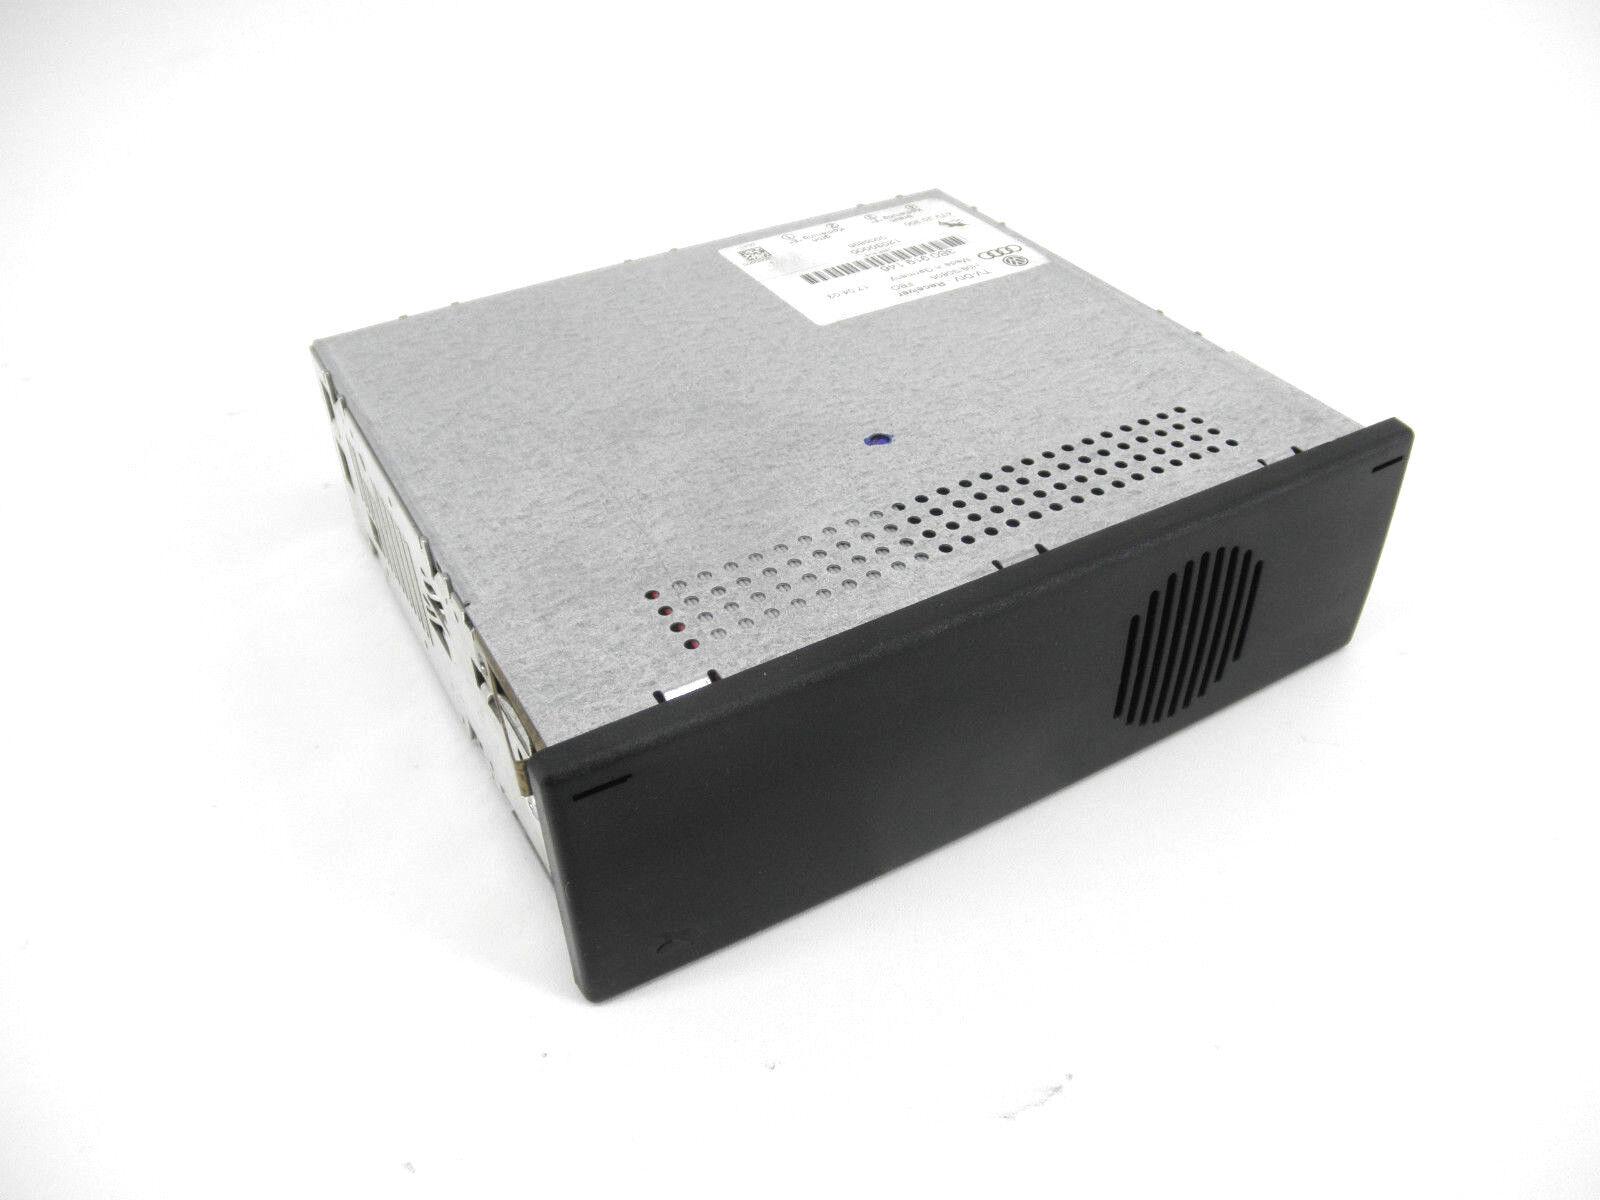 Skoda Superb 3U TV DIV Reciver TV Modul Tuner 3B0919146